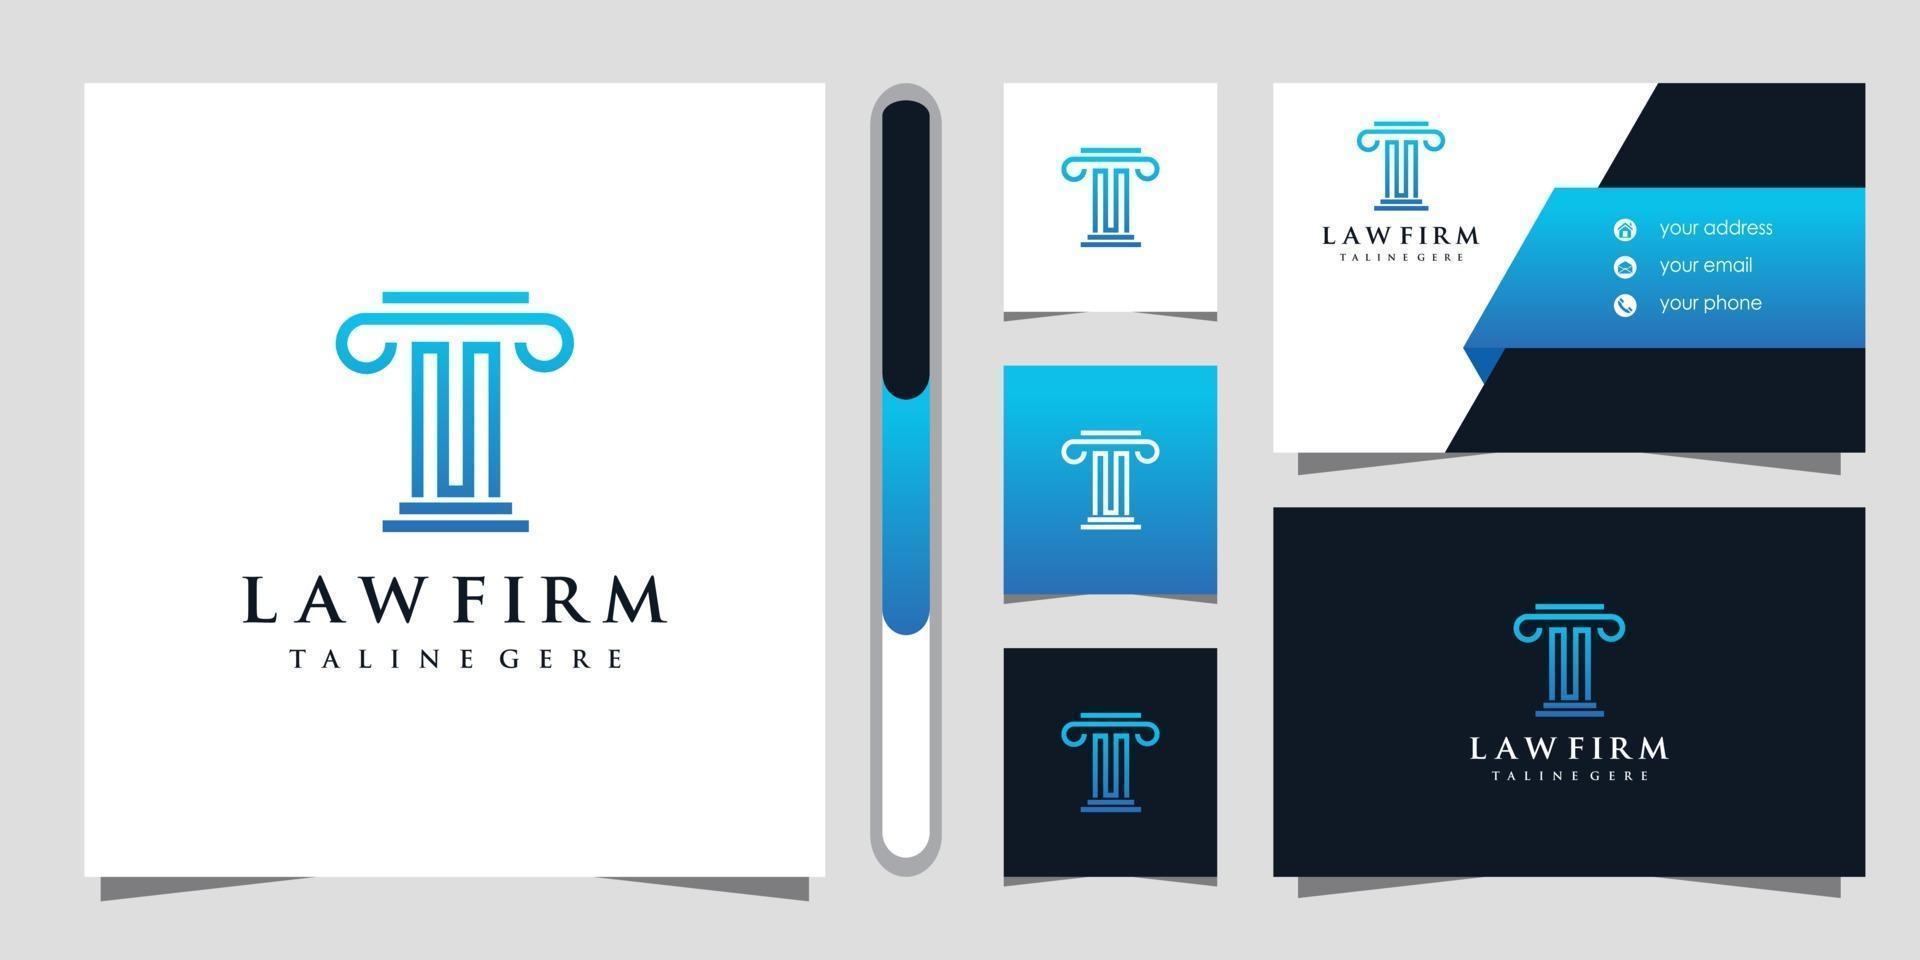 advokatbyrå logo design och visitkort vektor